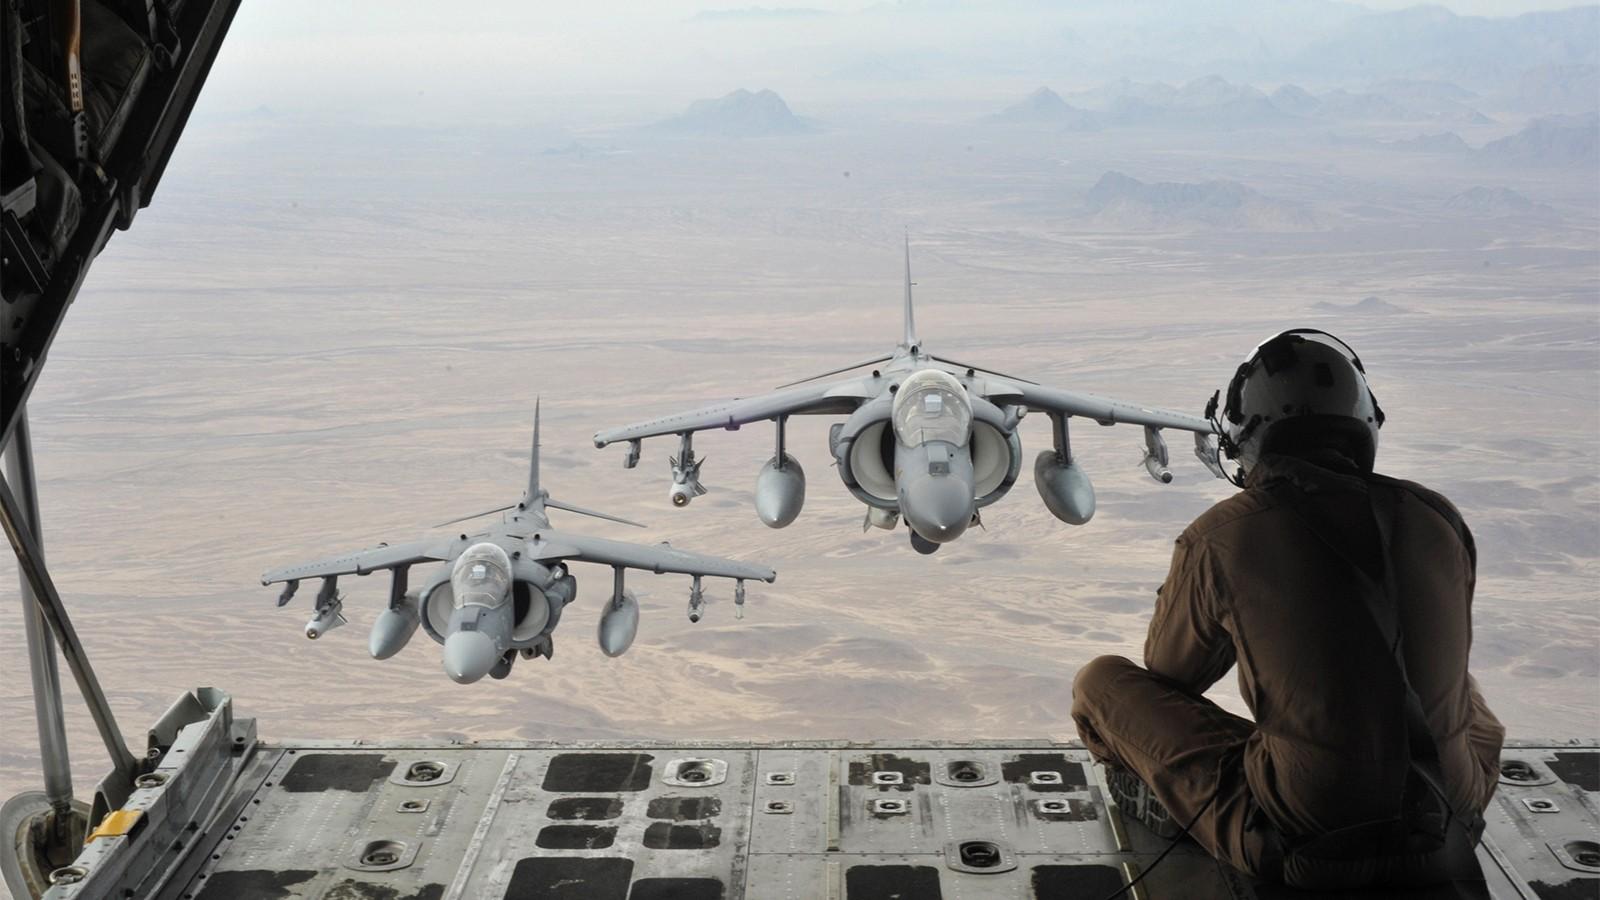 Прикольные картинки про самолеты и летчиков